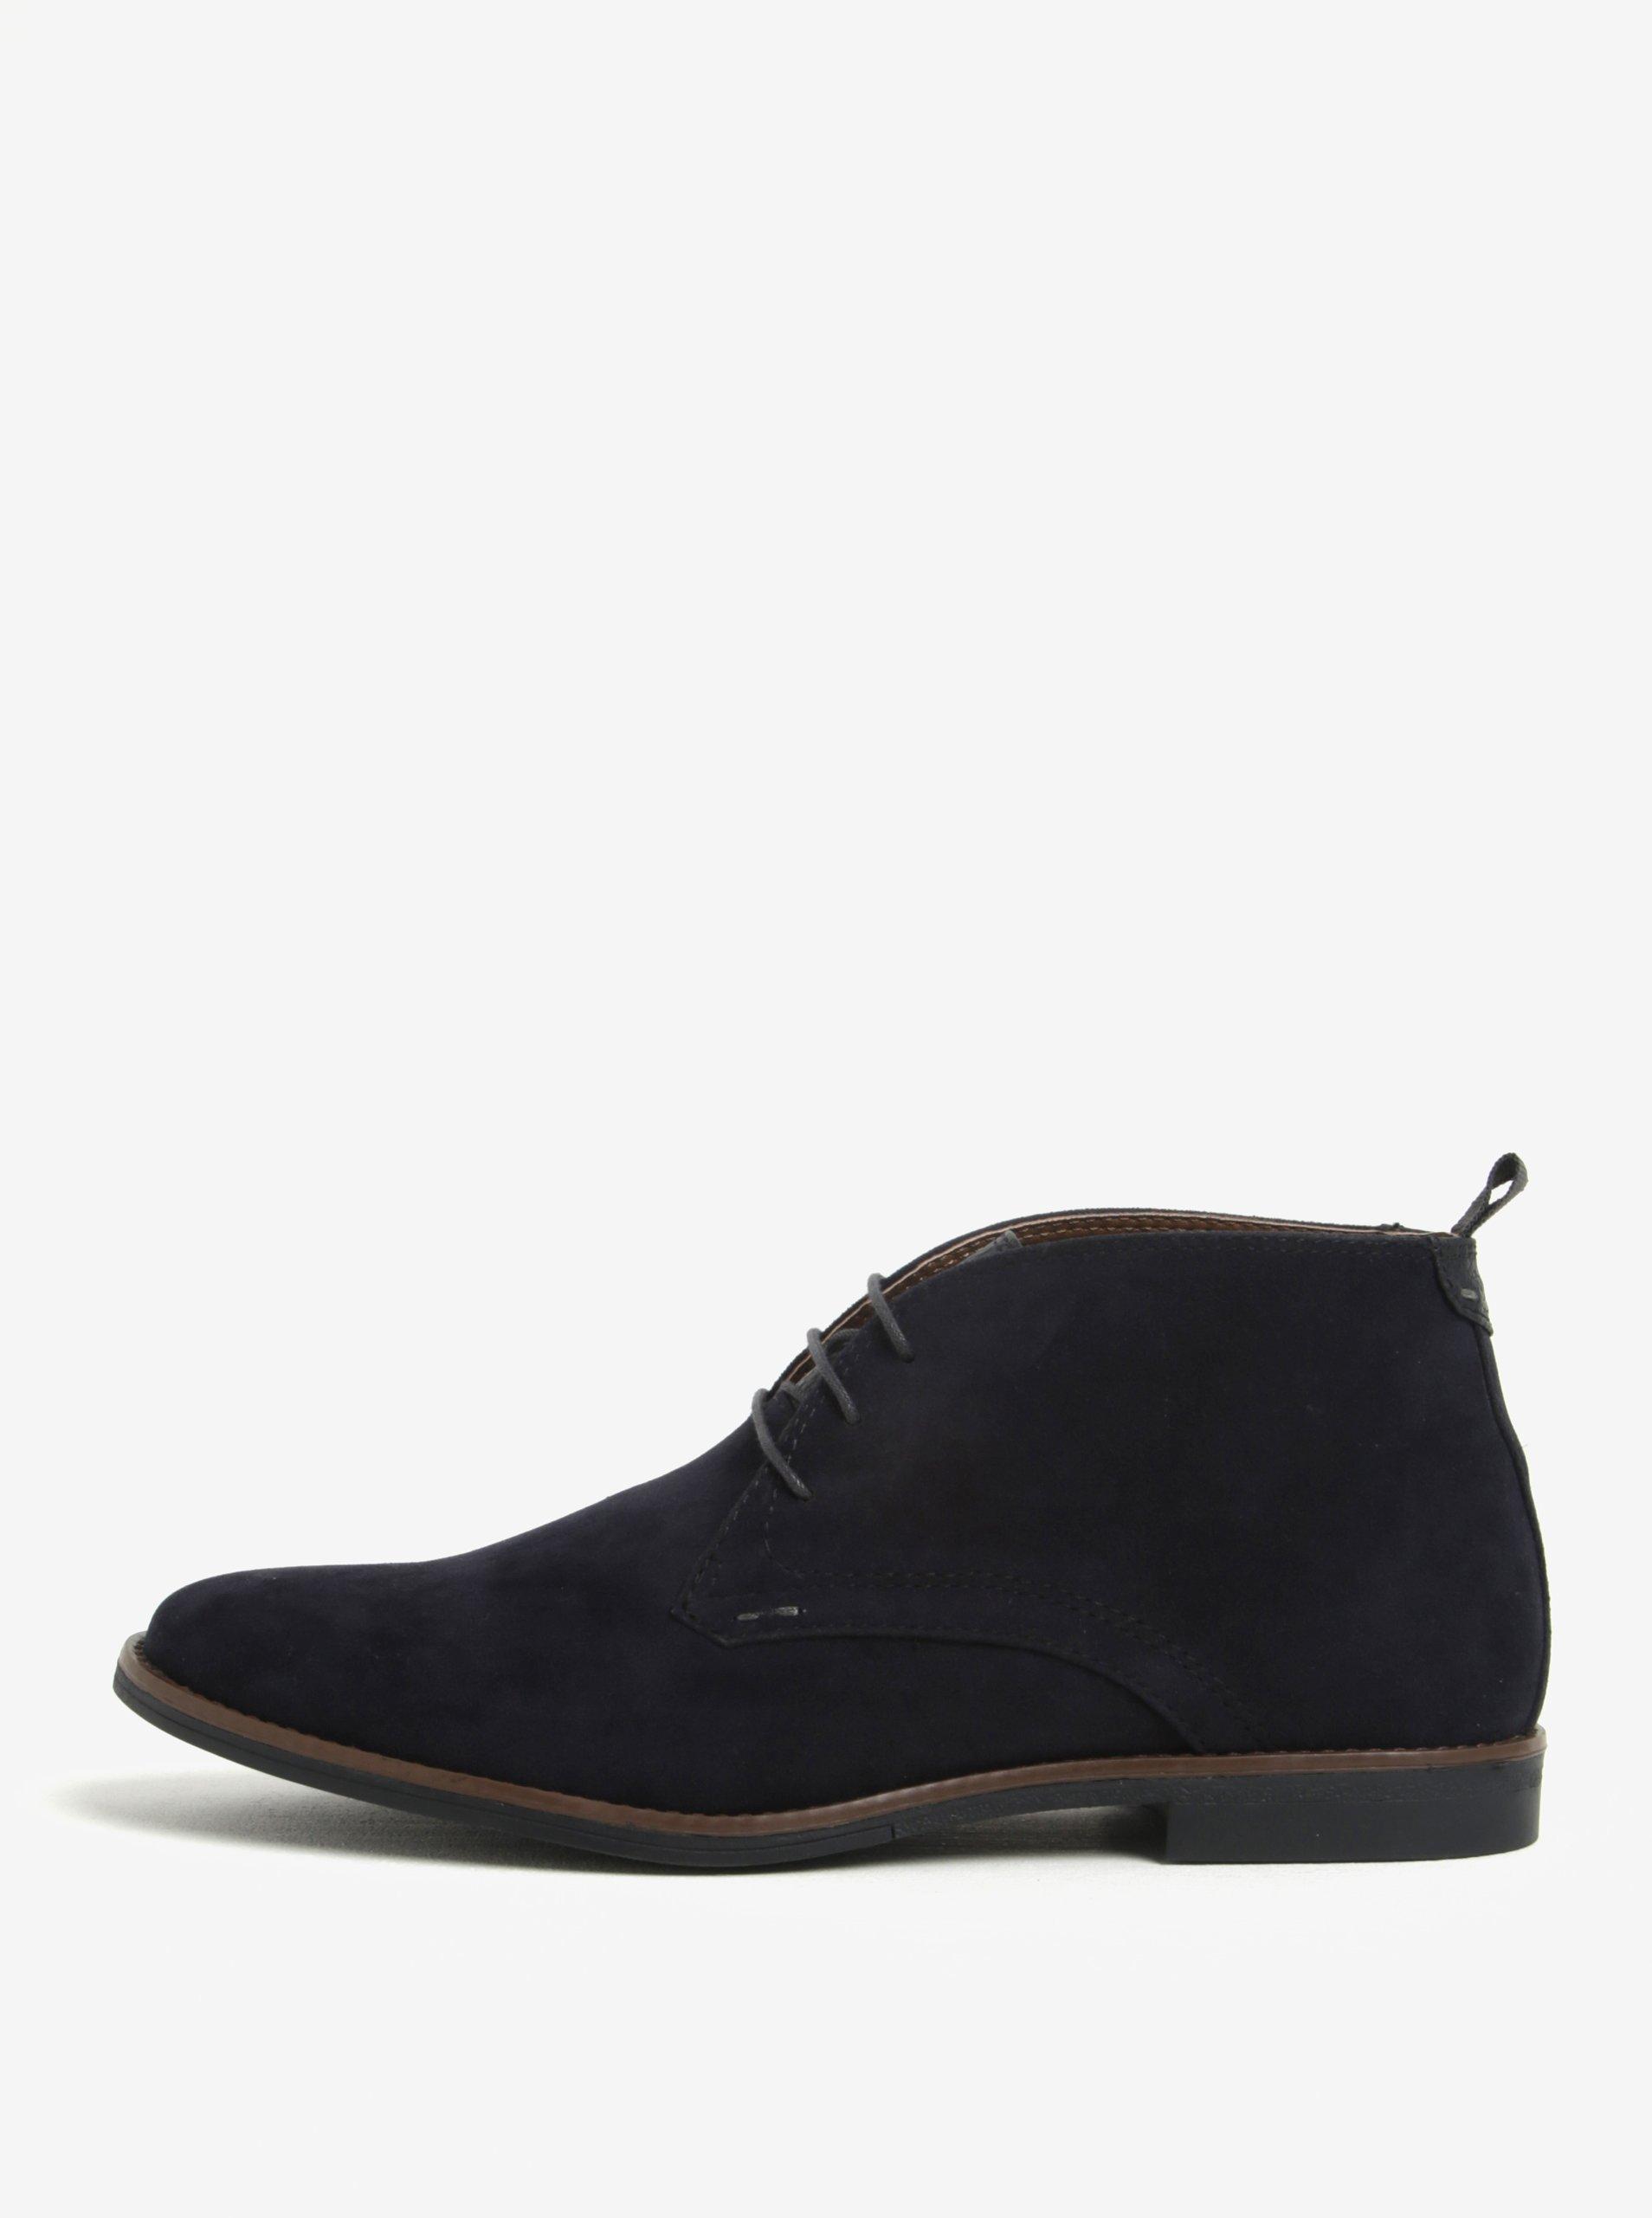 44b506990 Tmavomodré členkové topánky v semišovej úprave Burton Menswear London